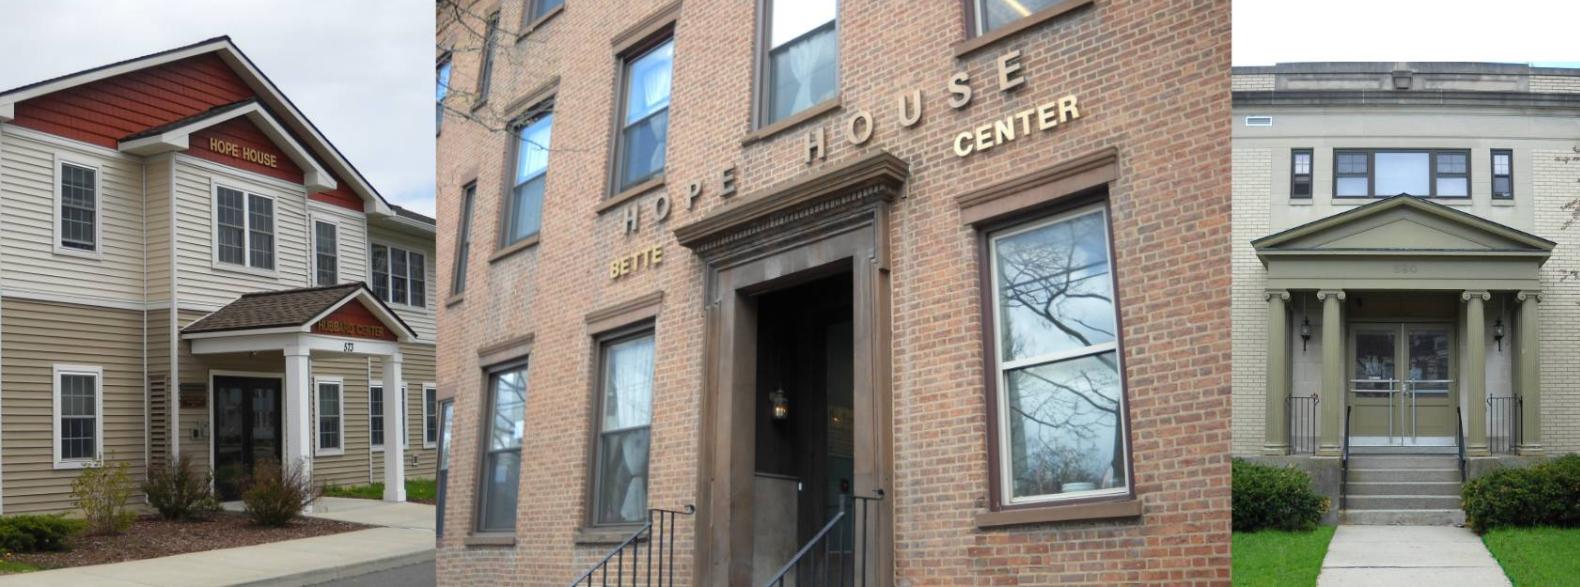 Hope House, Bette Center Albany, NY